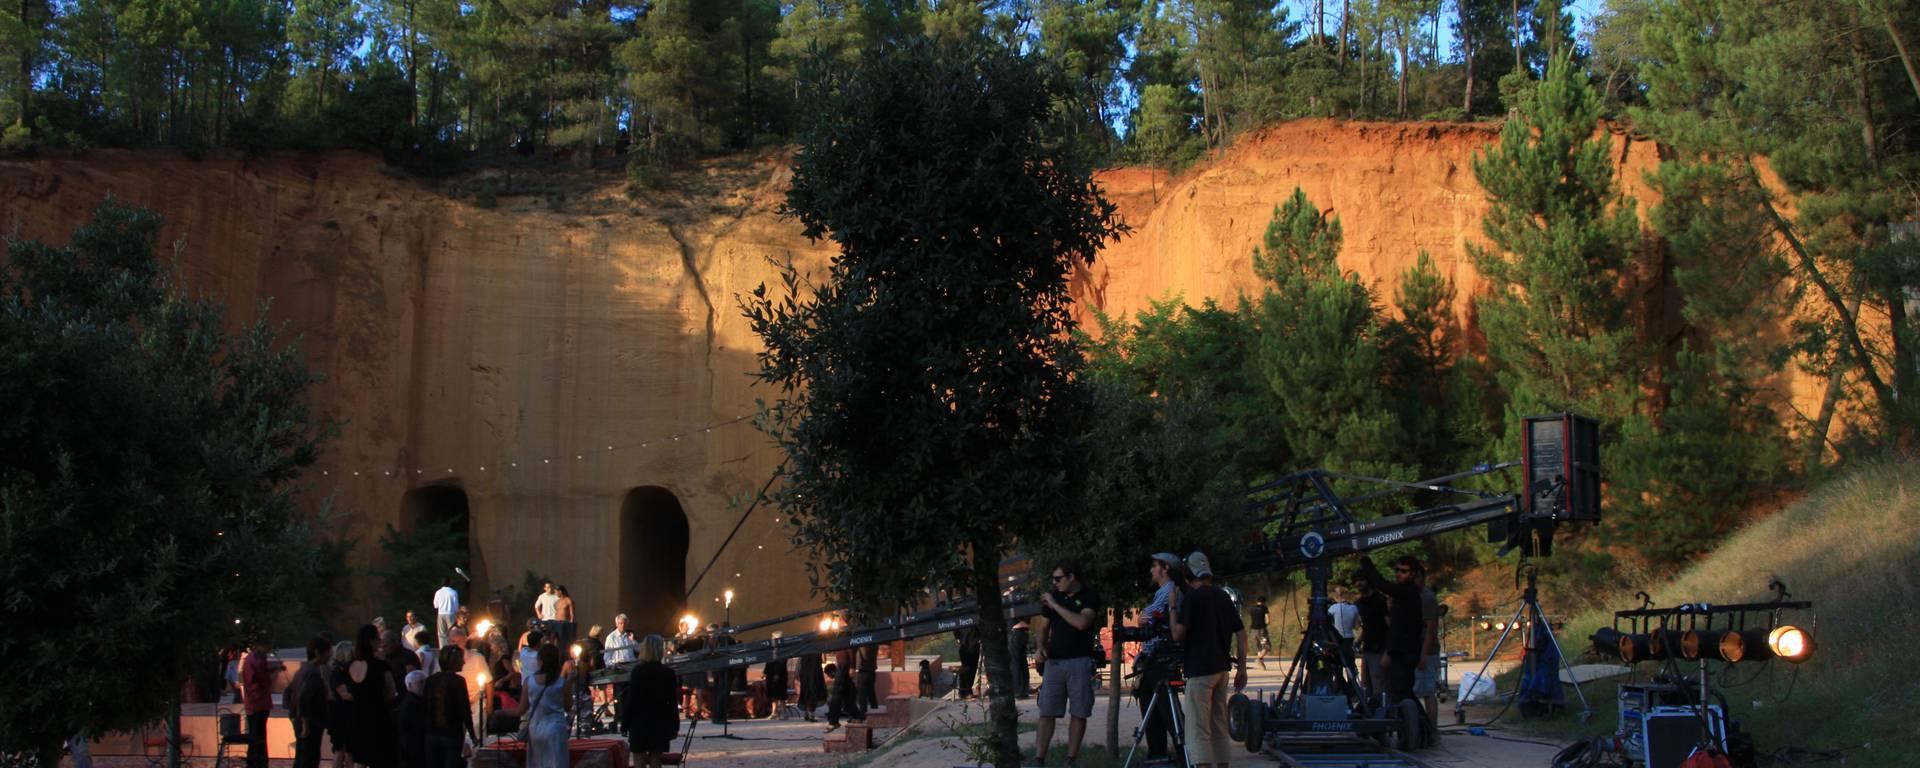 Luberon Vaucluse Colorado cinéma télévision film mines de bruoux Roméo et Juliette